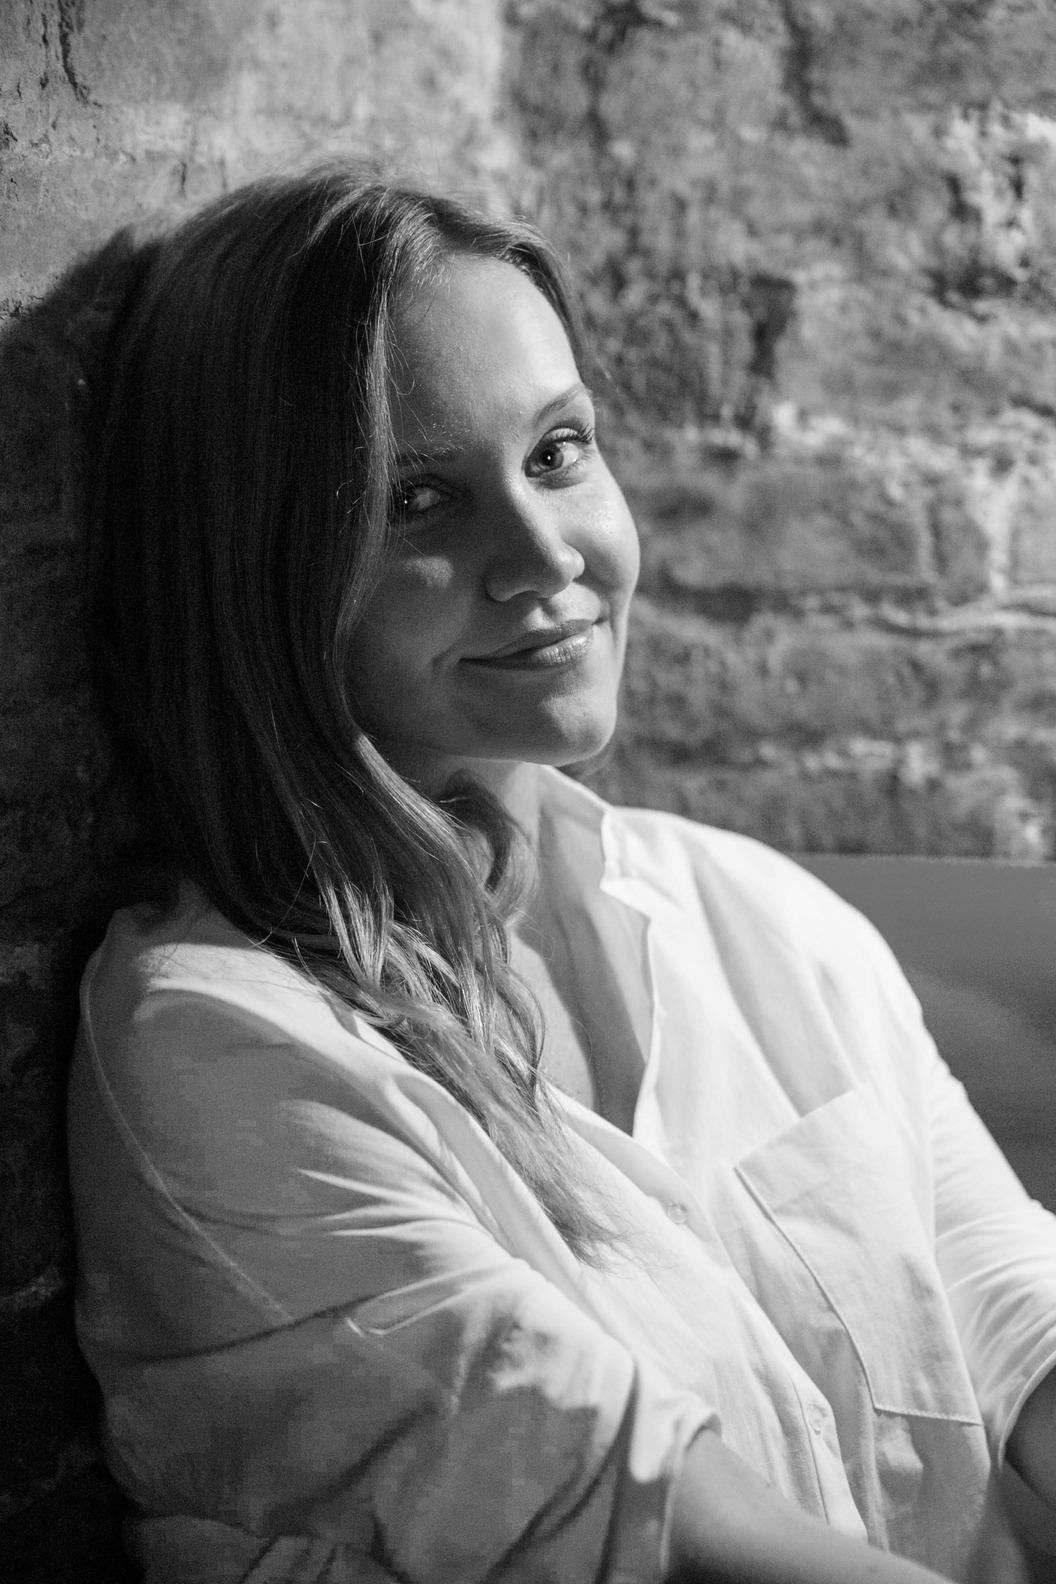 Tanya Andreeva